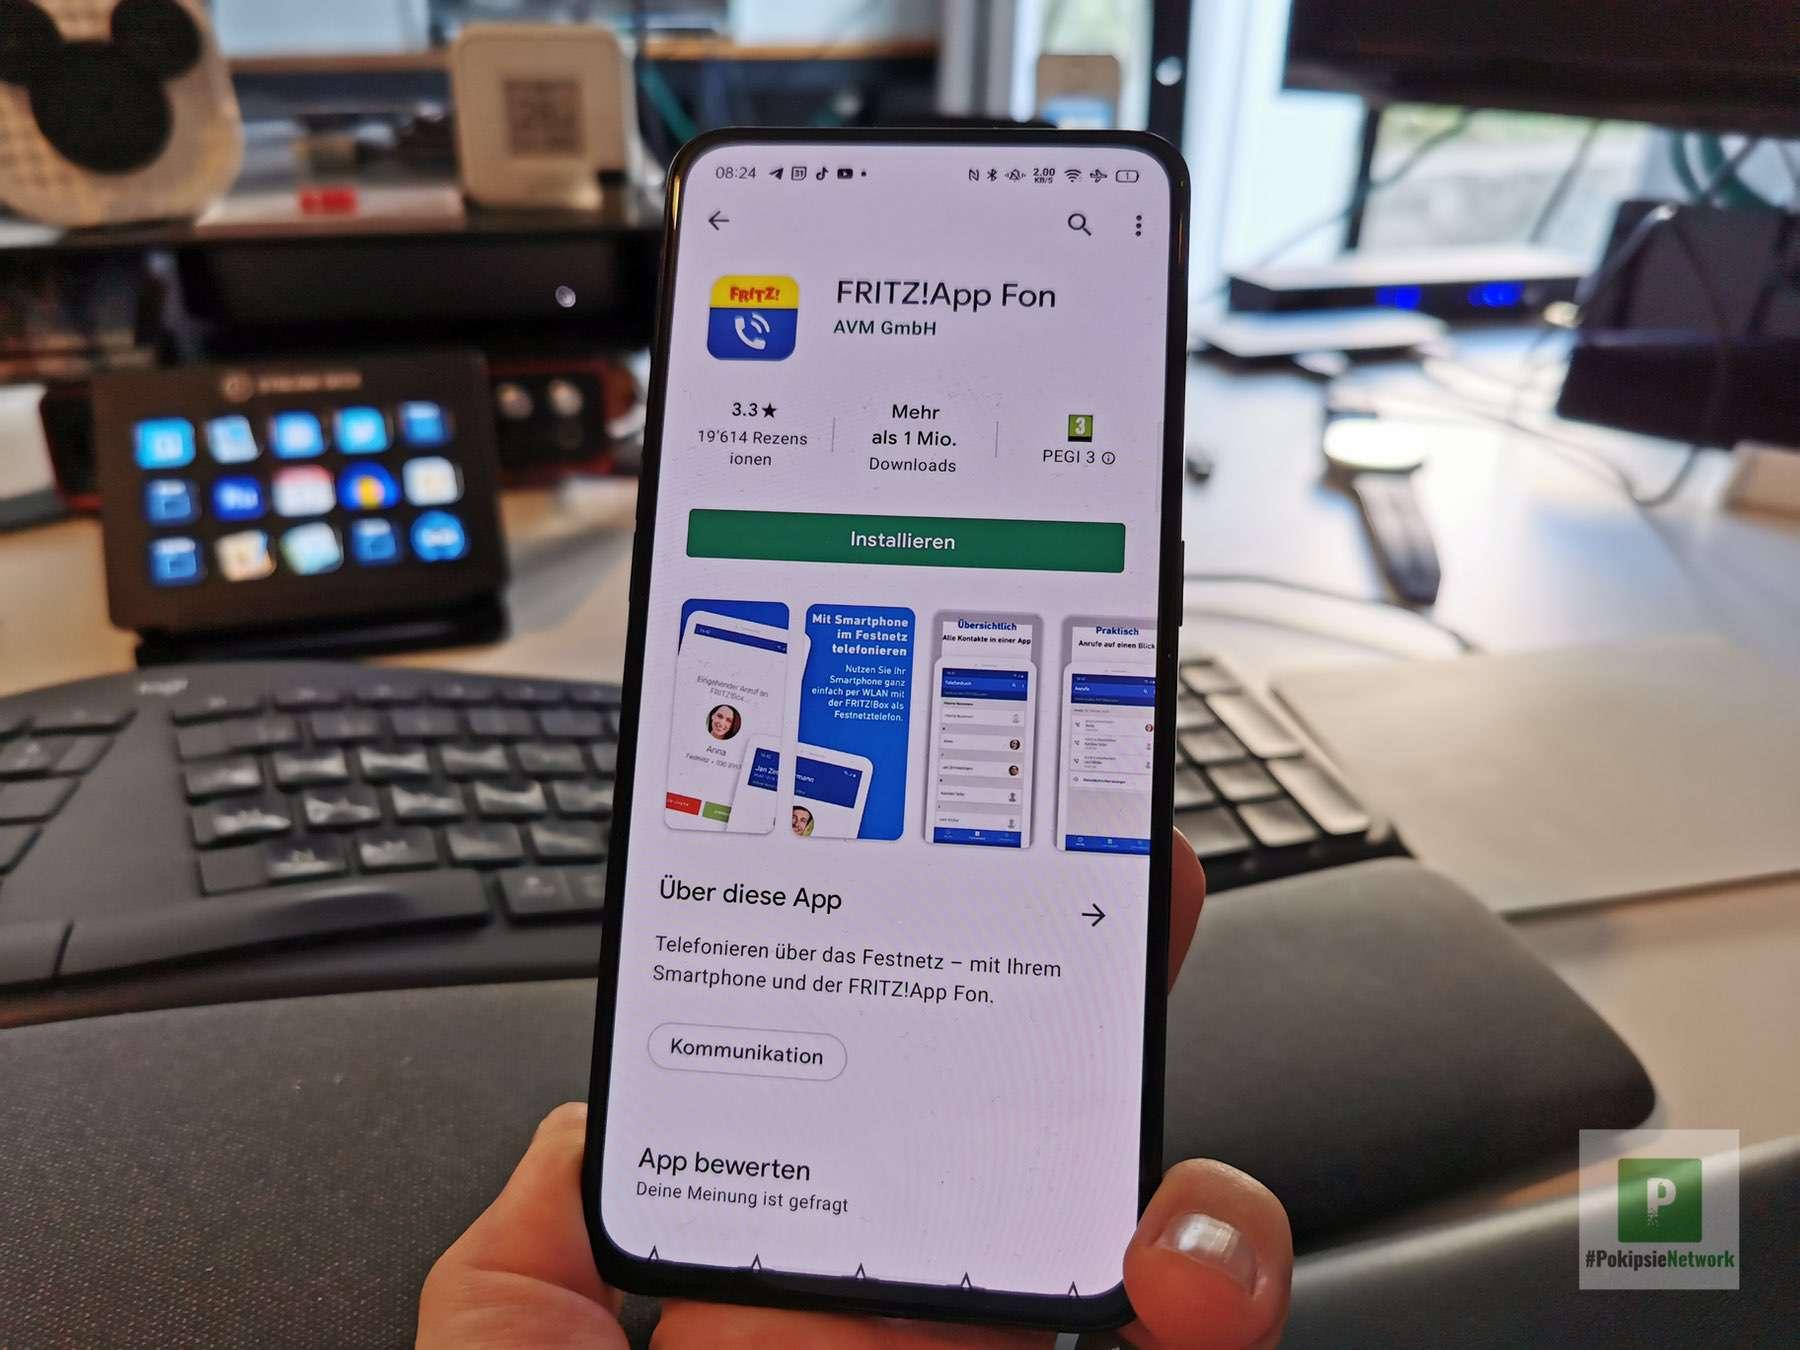 FRITZ!App Fon für Android – Endlich neues Design